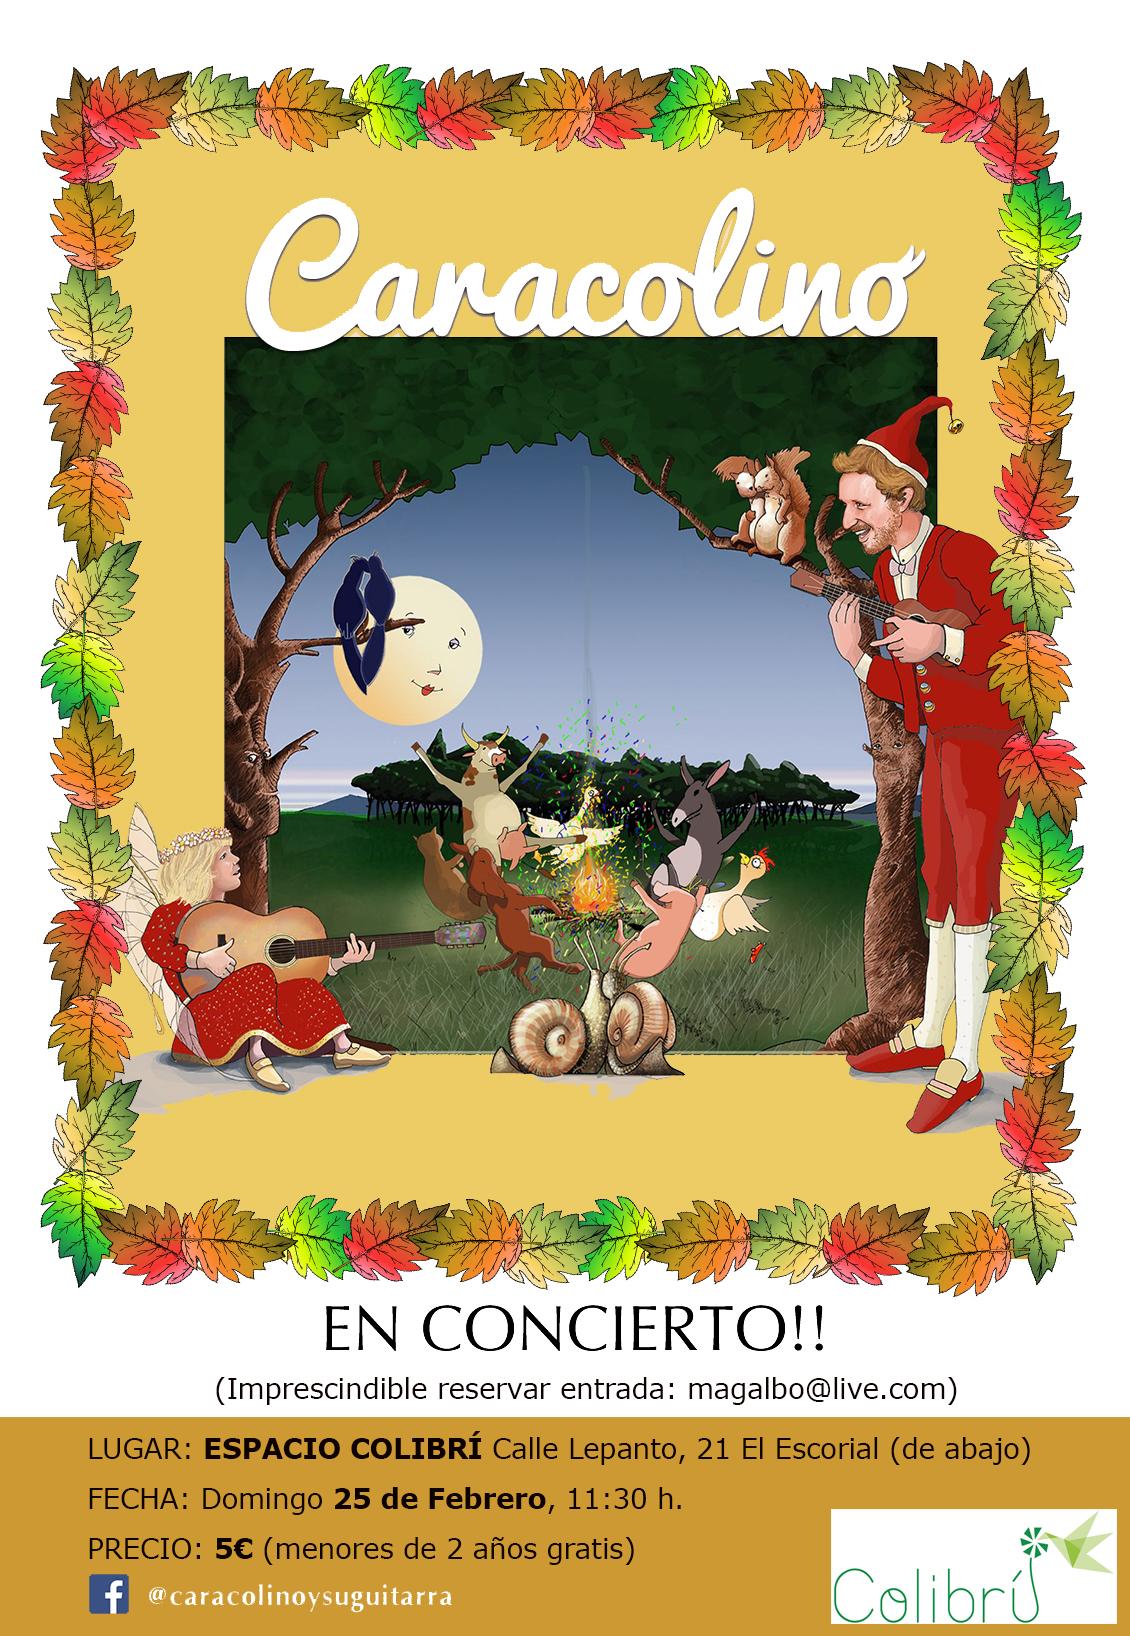 concierto caracolino colibrí